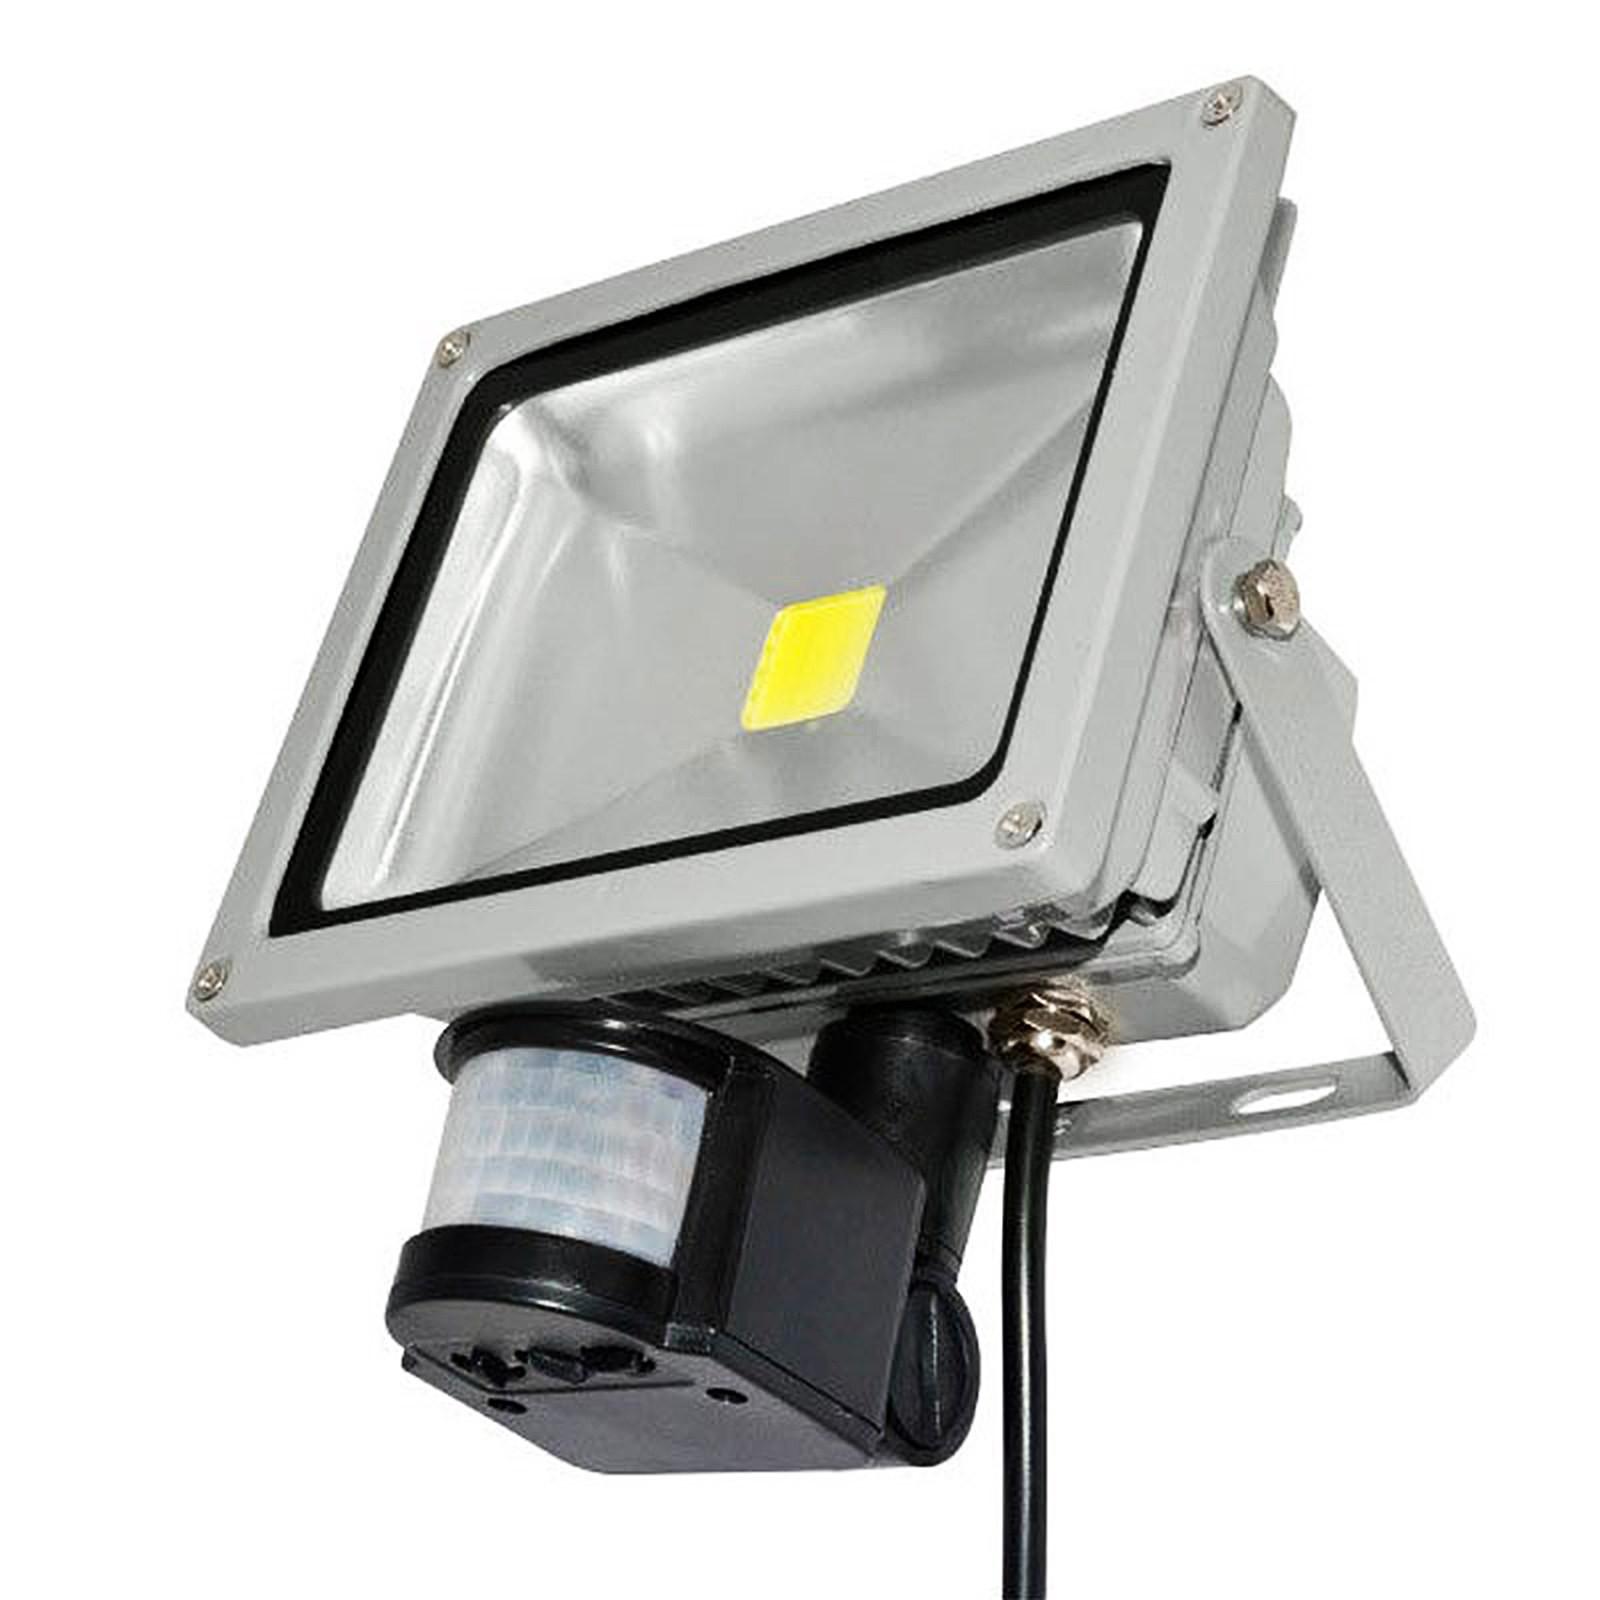 faro faretto a led 30 watt per esterno con sensore di movimento luce fredda area illumina. Black Bedroom Furniture Sets. Home Design Ideas